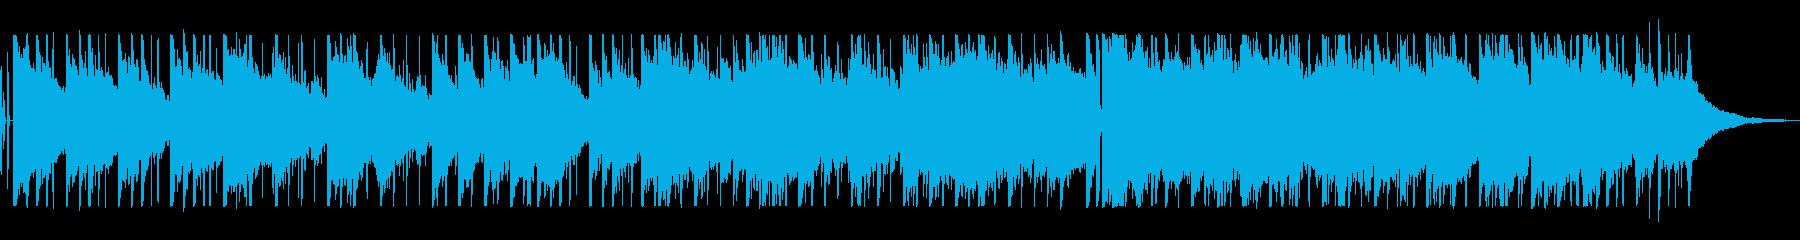 ビオラのメロディーが感動的なサウンドの再生済みの波形